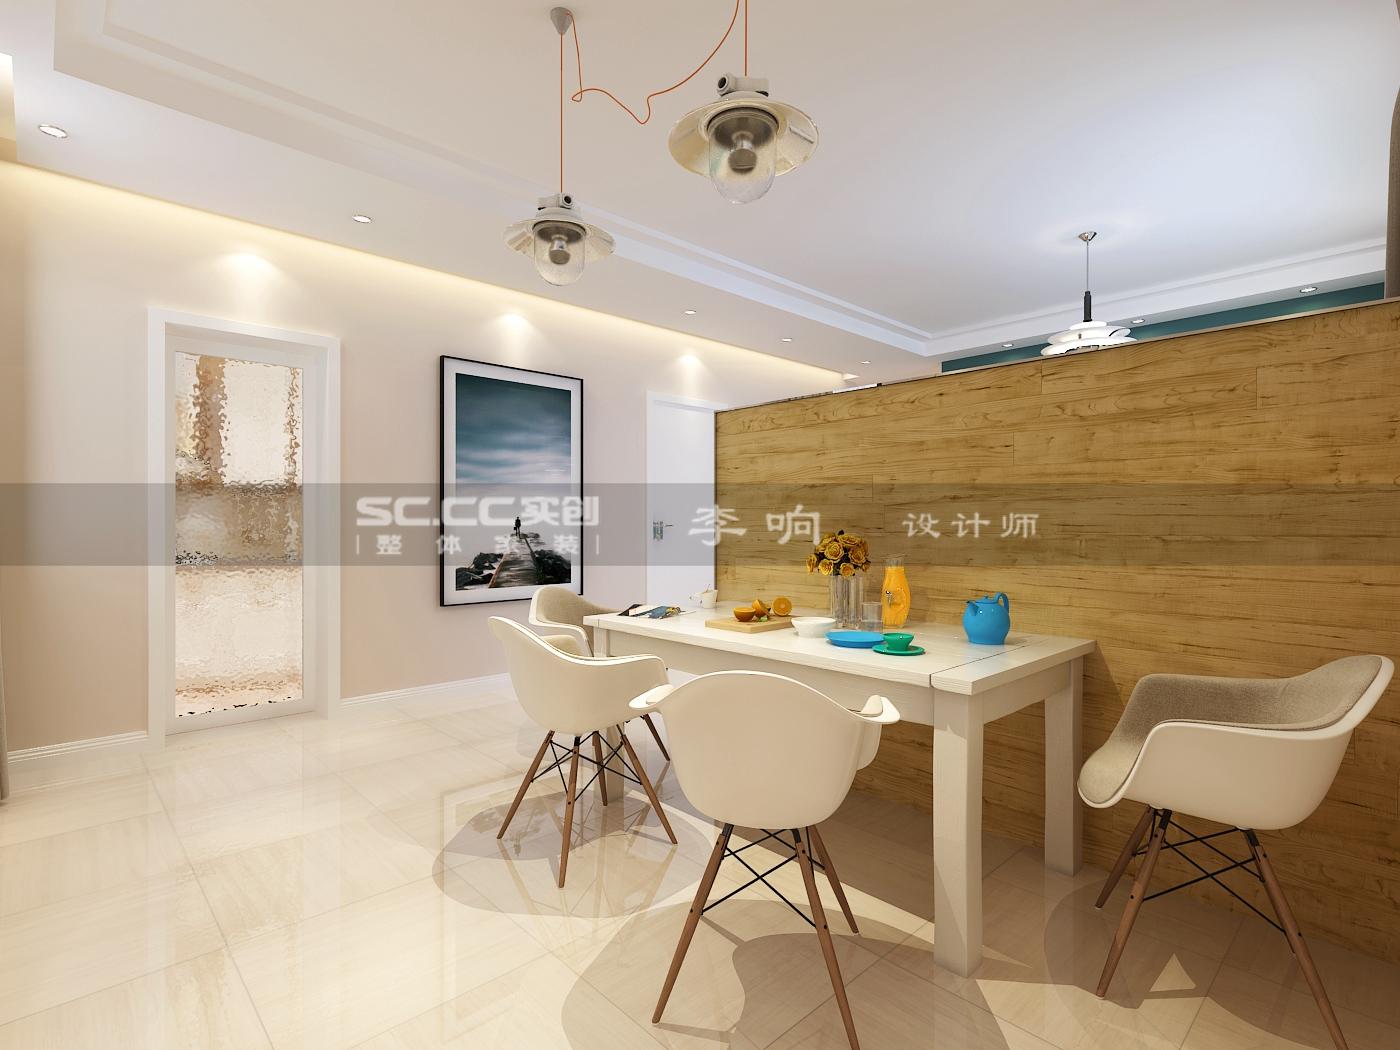 鼎世华府 130平房子 青岛实创 简欧设计 餐厅图片来自实创装饰集团青岛公司在鼎世华府130平装修的分享